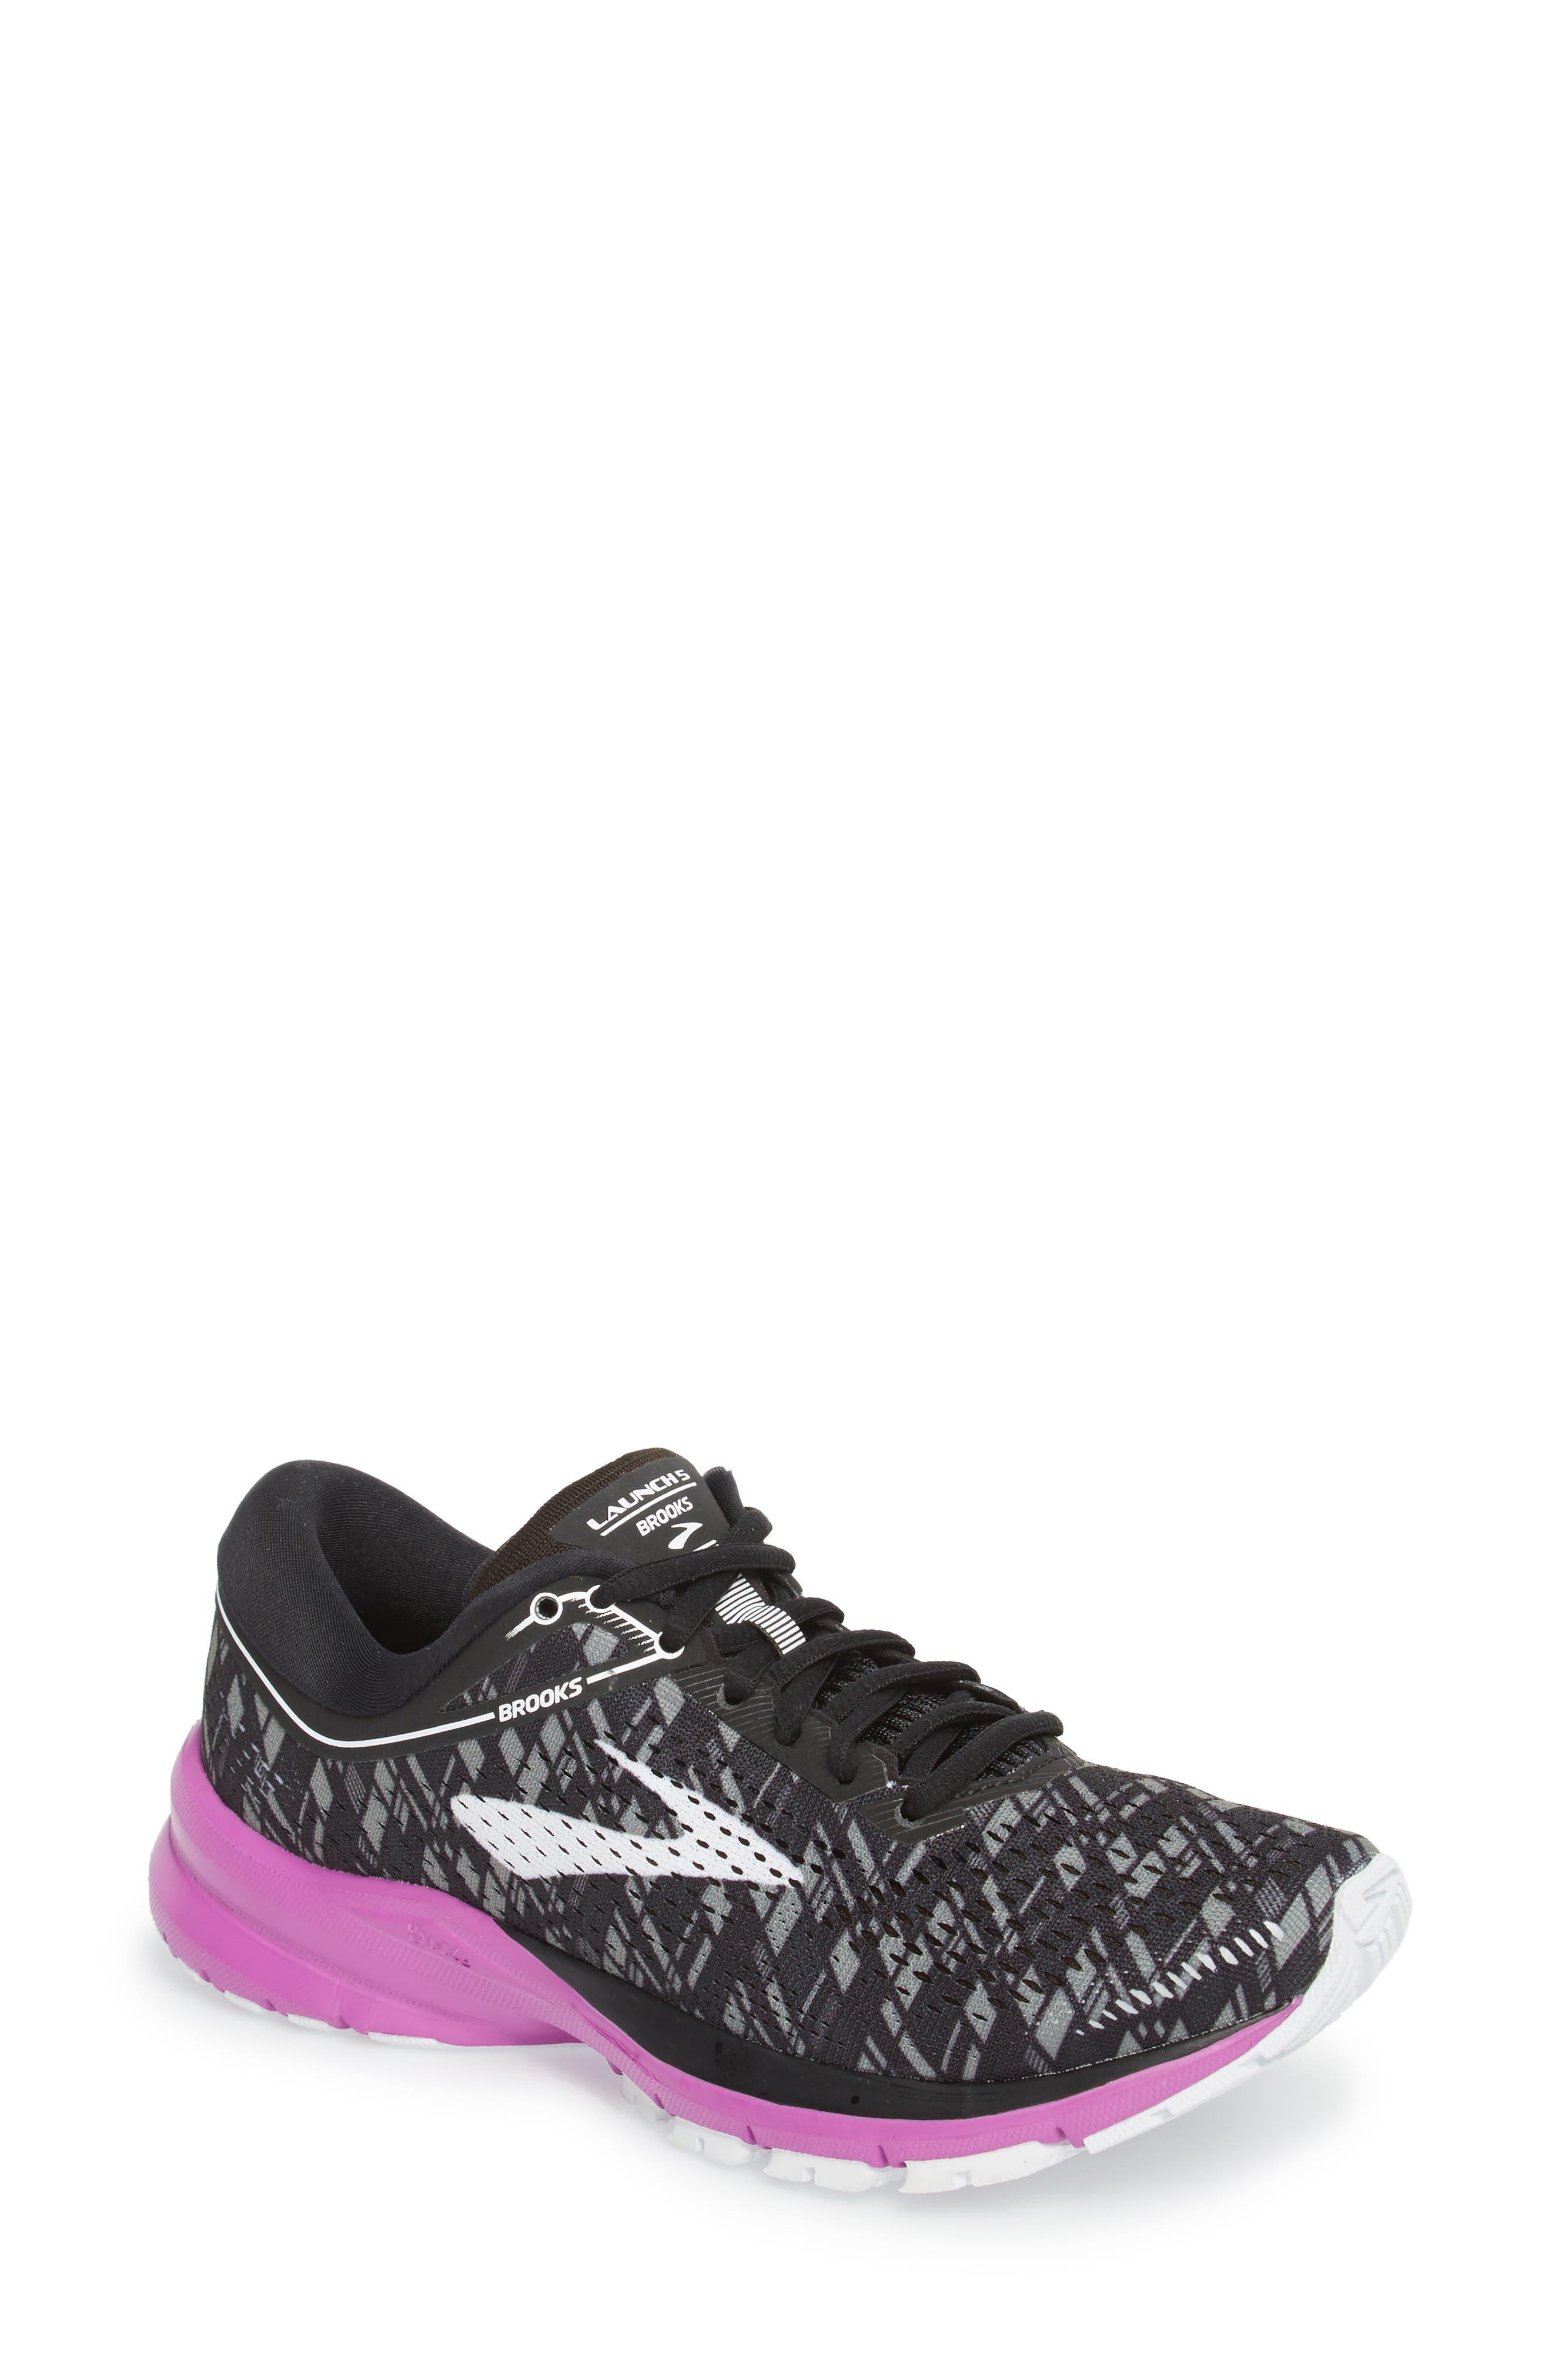 Main Image - Brooks Launch 5 Running Shoe (Women)